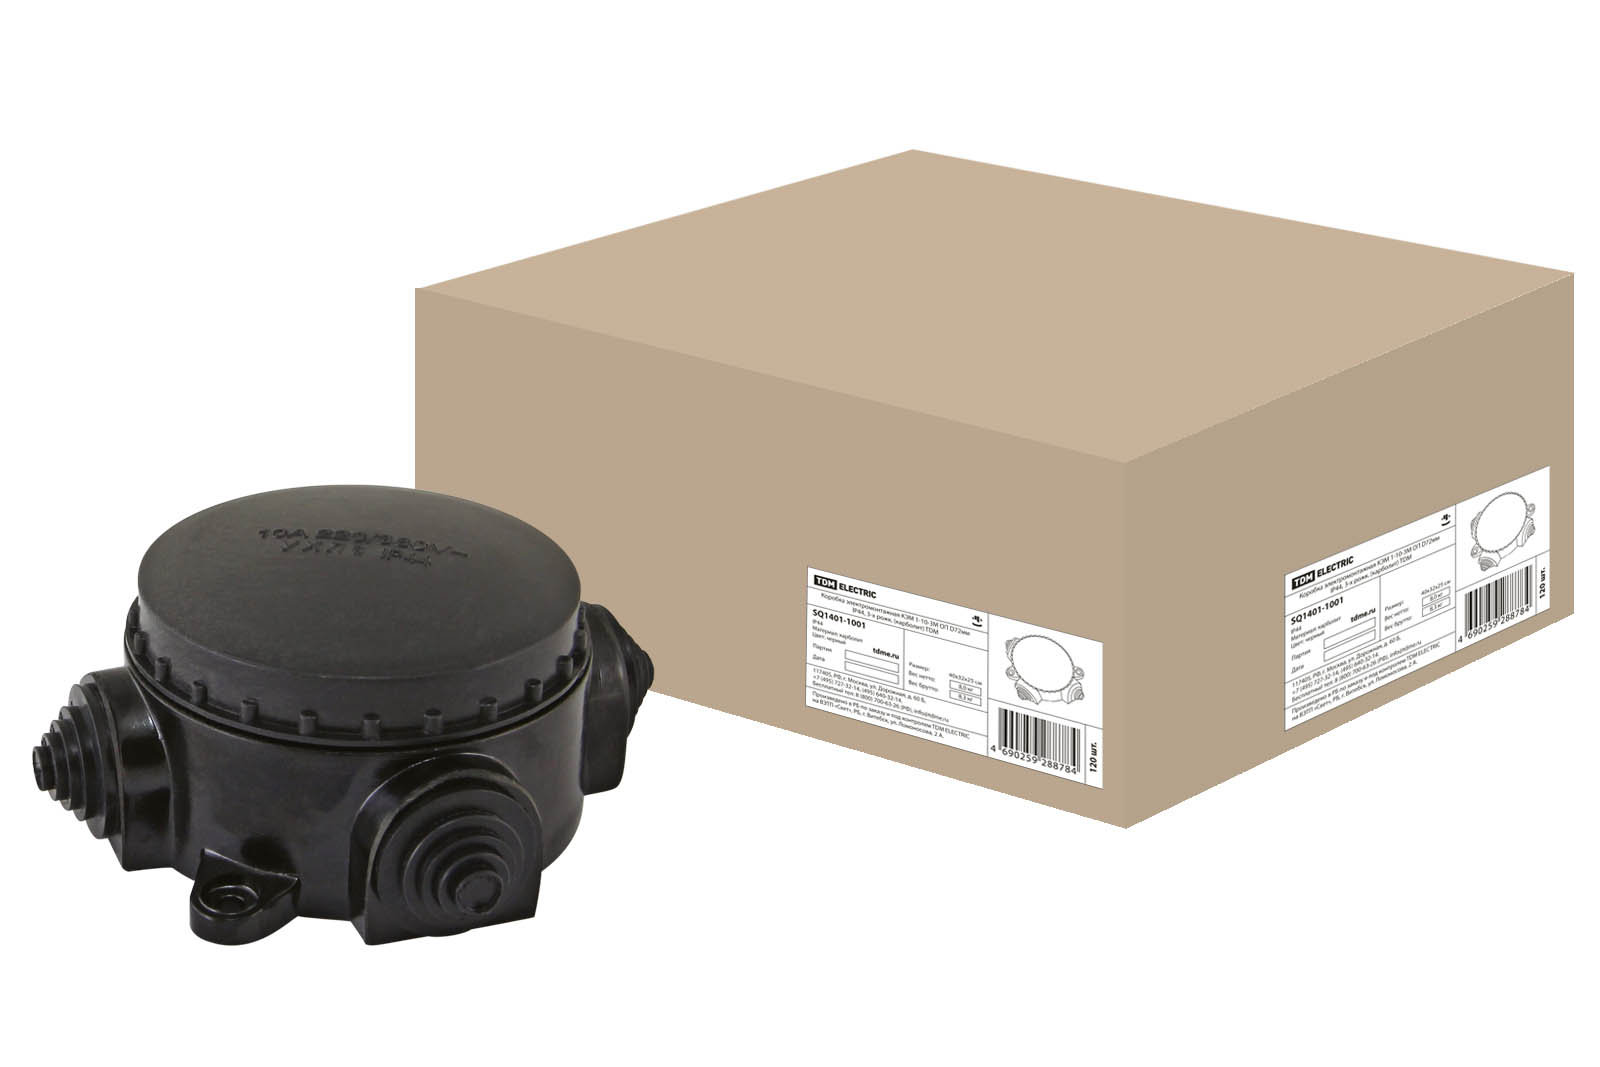 Фото Коробка электромонтажная КЭМ 1-10-3М ОП D72 мм IP44, 3-х рожк. (карболит) TDM {SQ1401-1001}